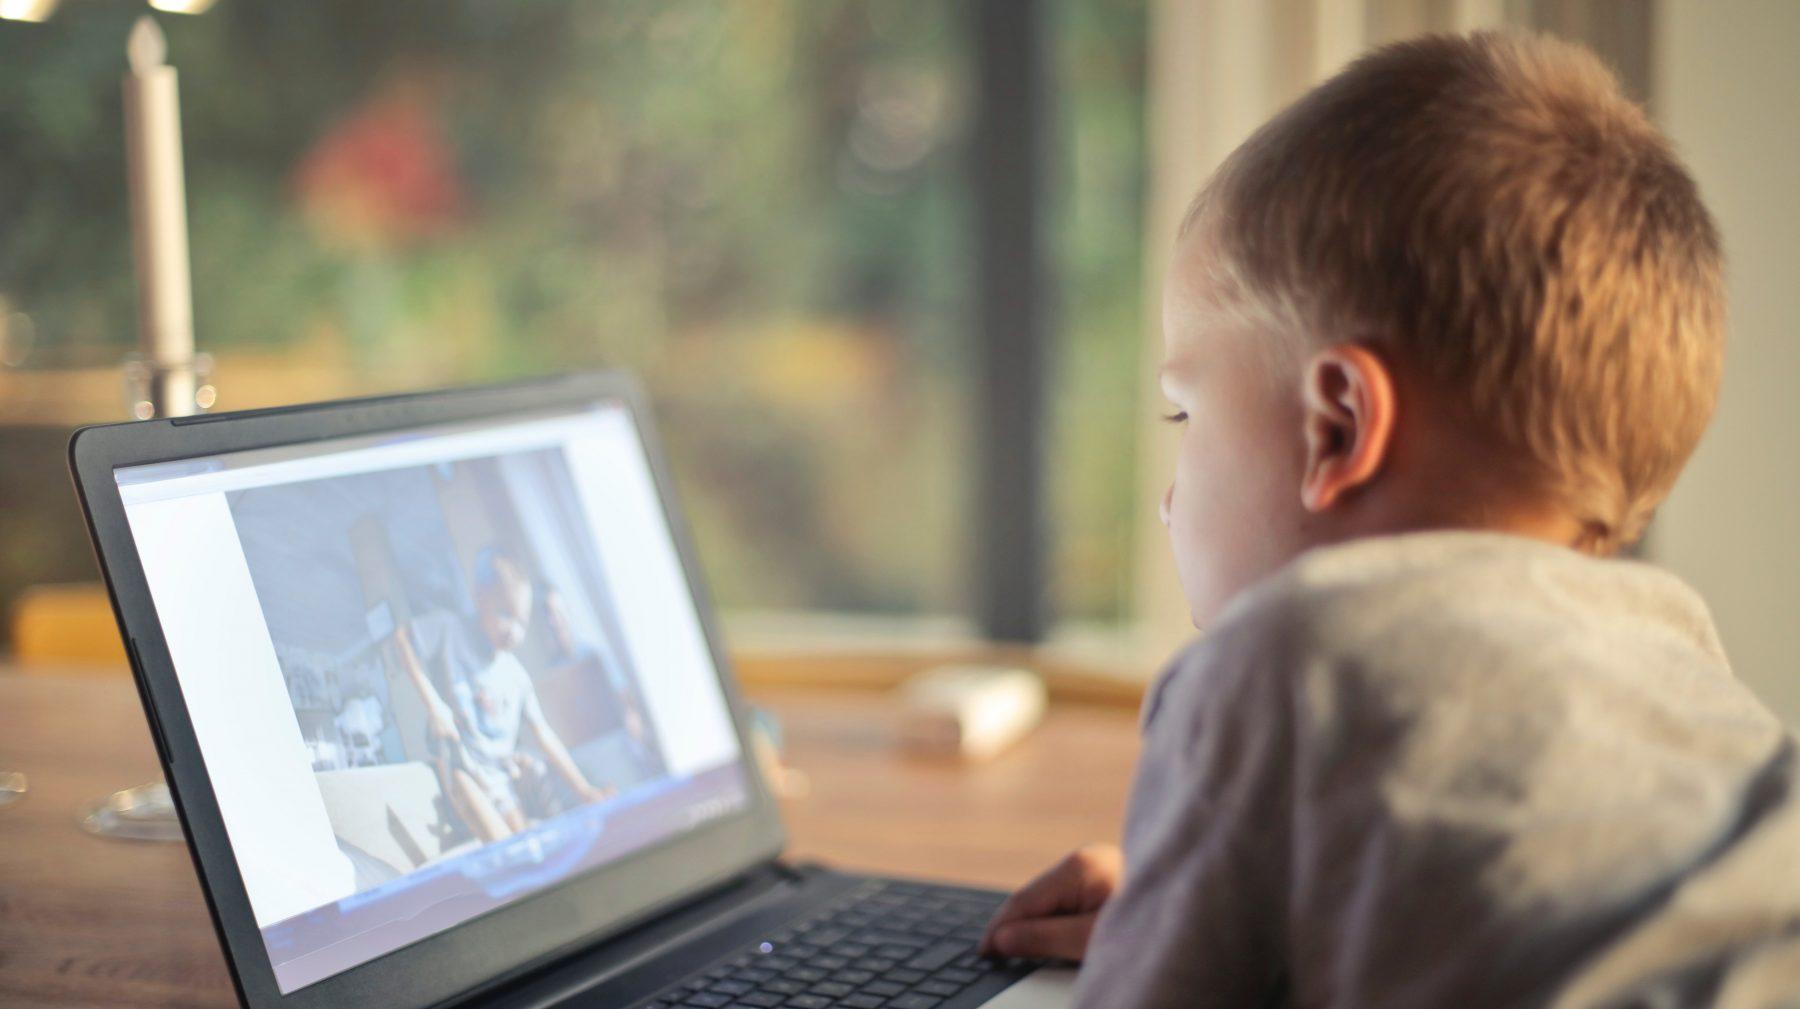 Inspectie zoekt uit of kindvloggers slachtoffer zijn van kinderarbeid